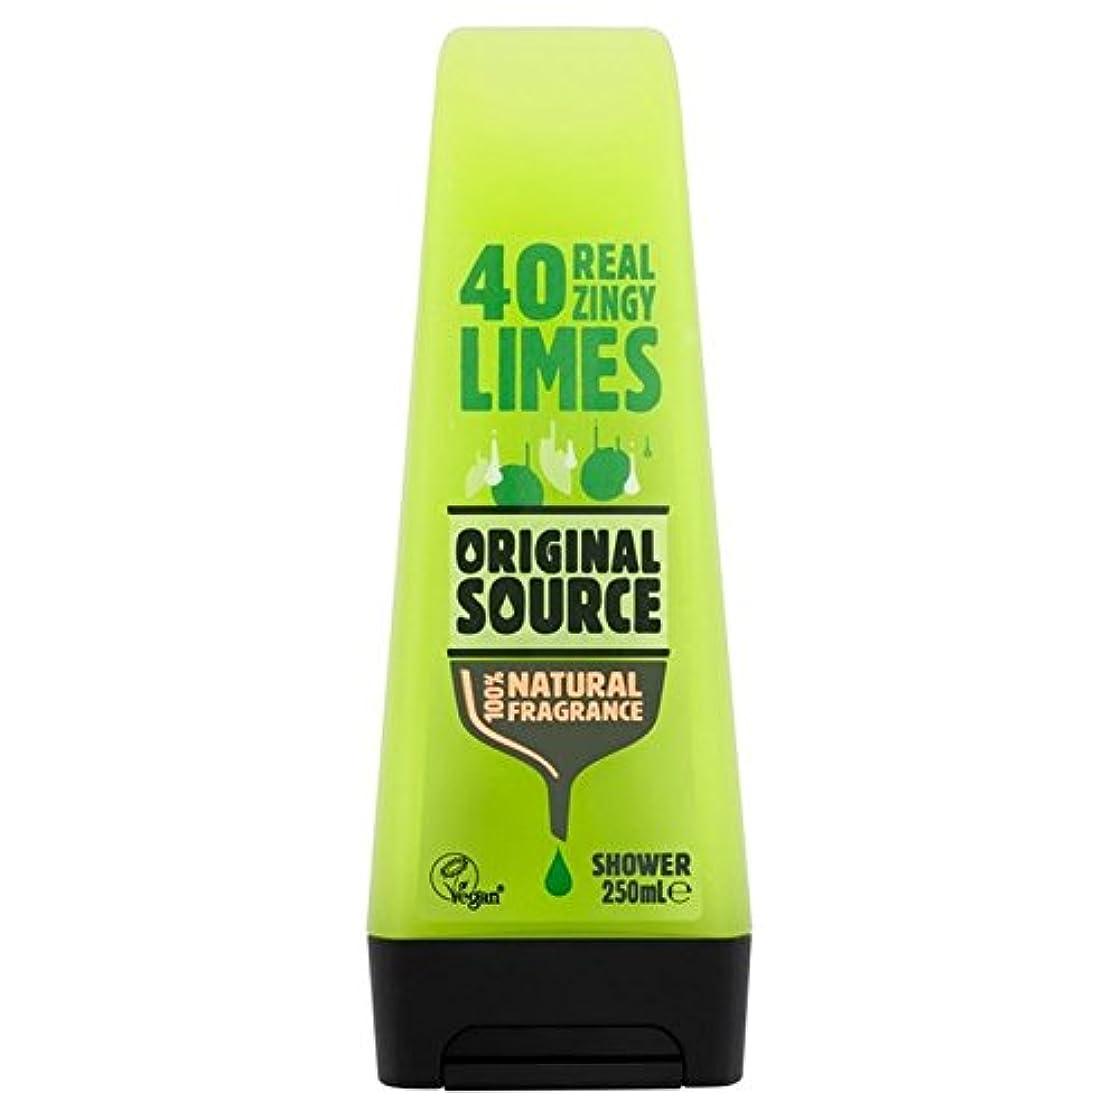 ホット蜜応じるOriginal Source Lime Shower Gel 250ml - 元のソースライムシャワージェル250ミリリットル [並行輸入品]